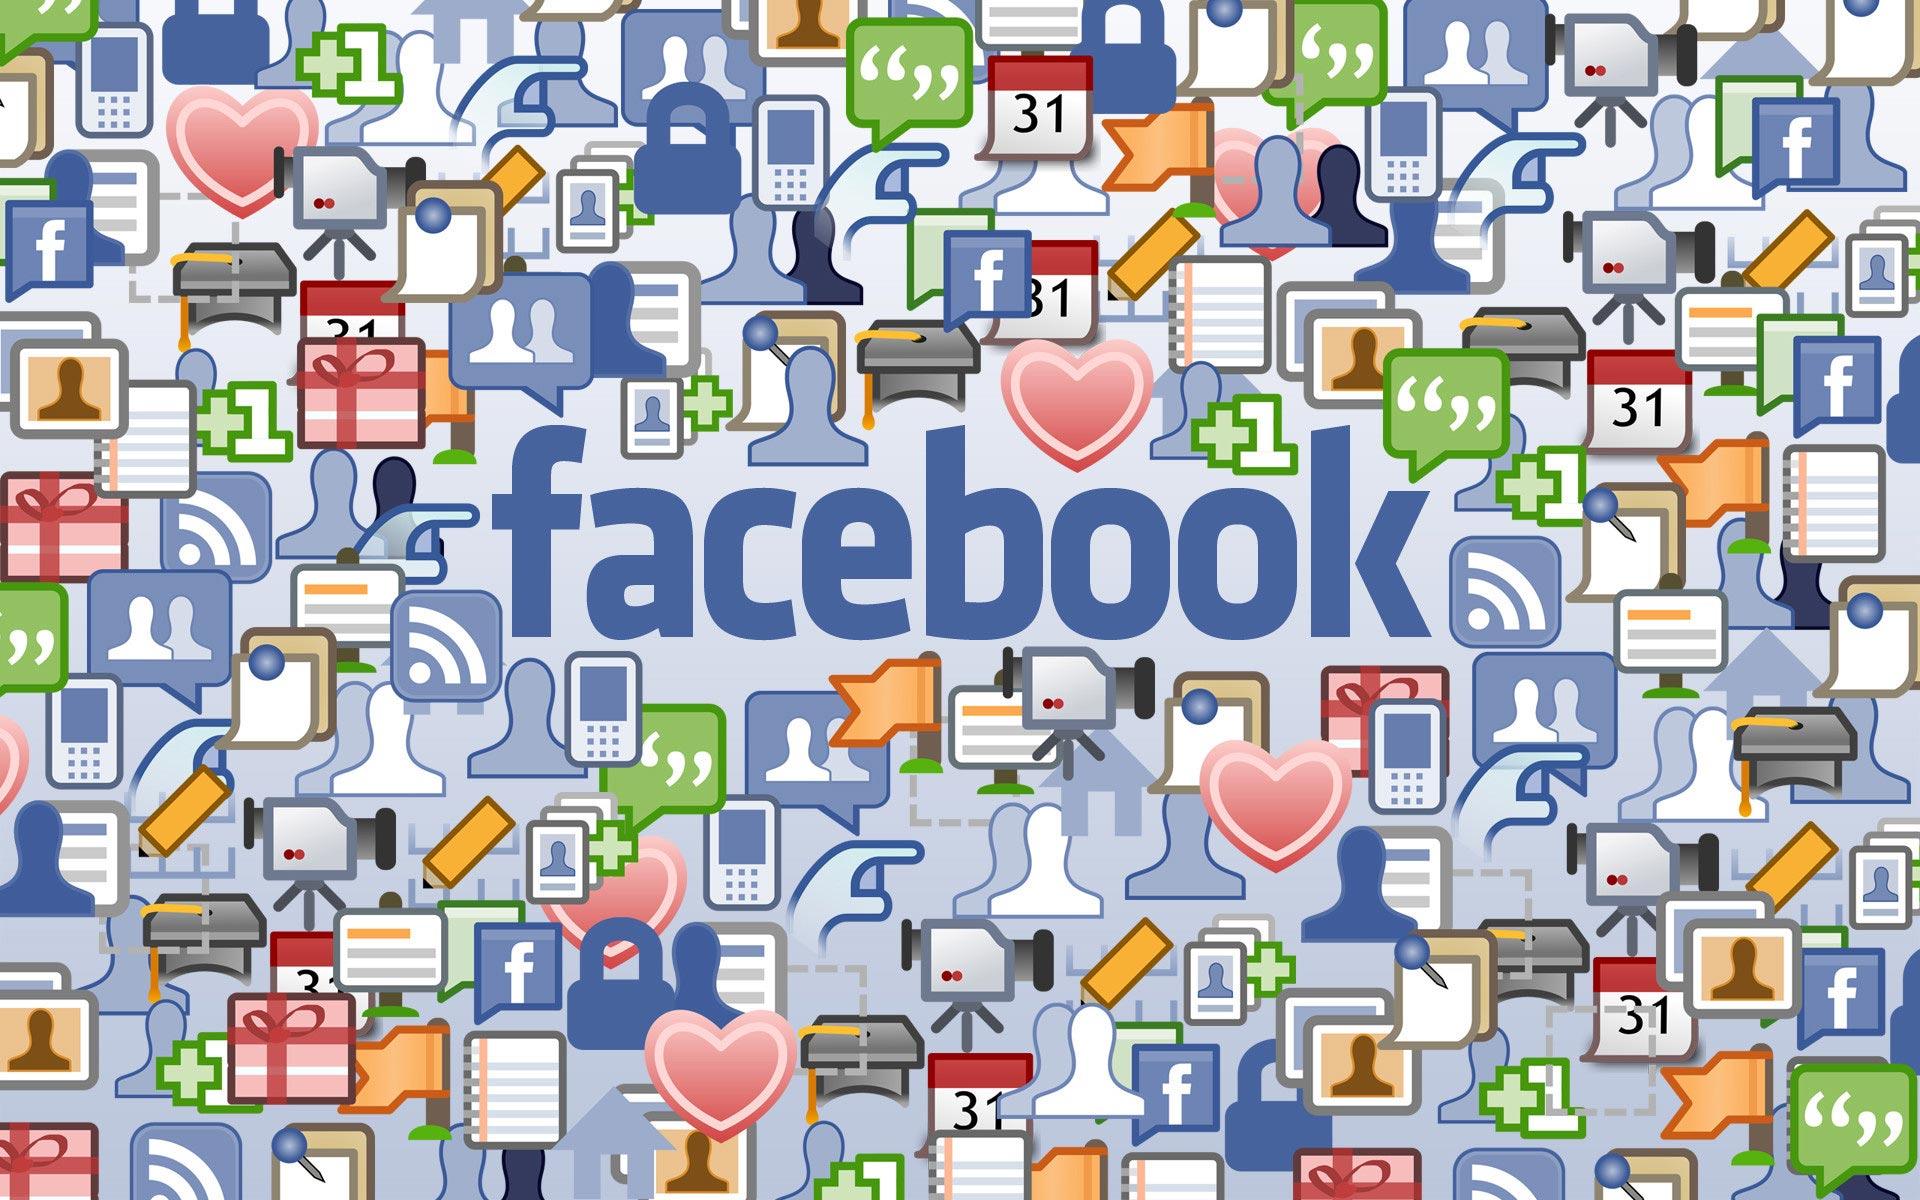 Facebook actualiza su buscador